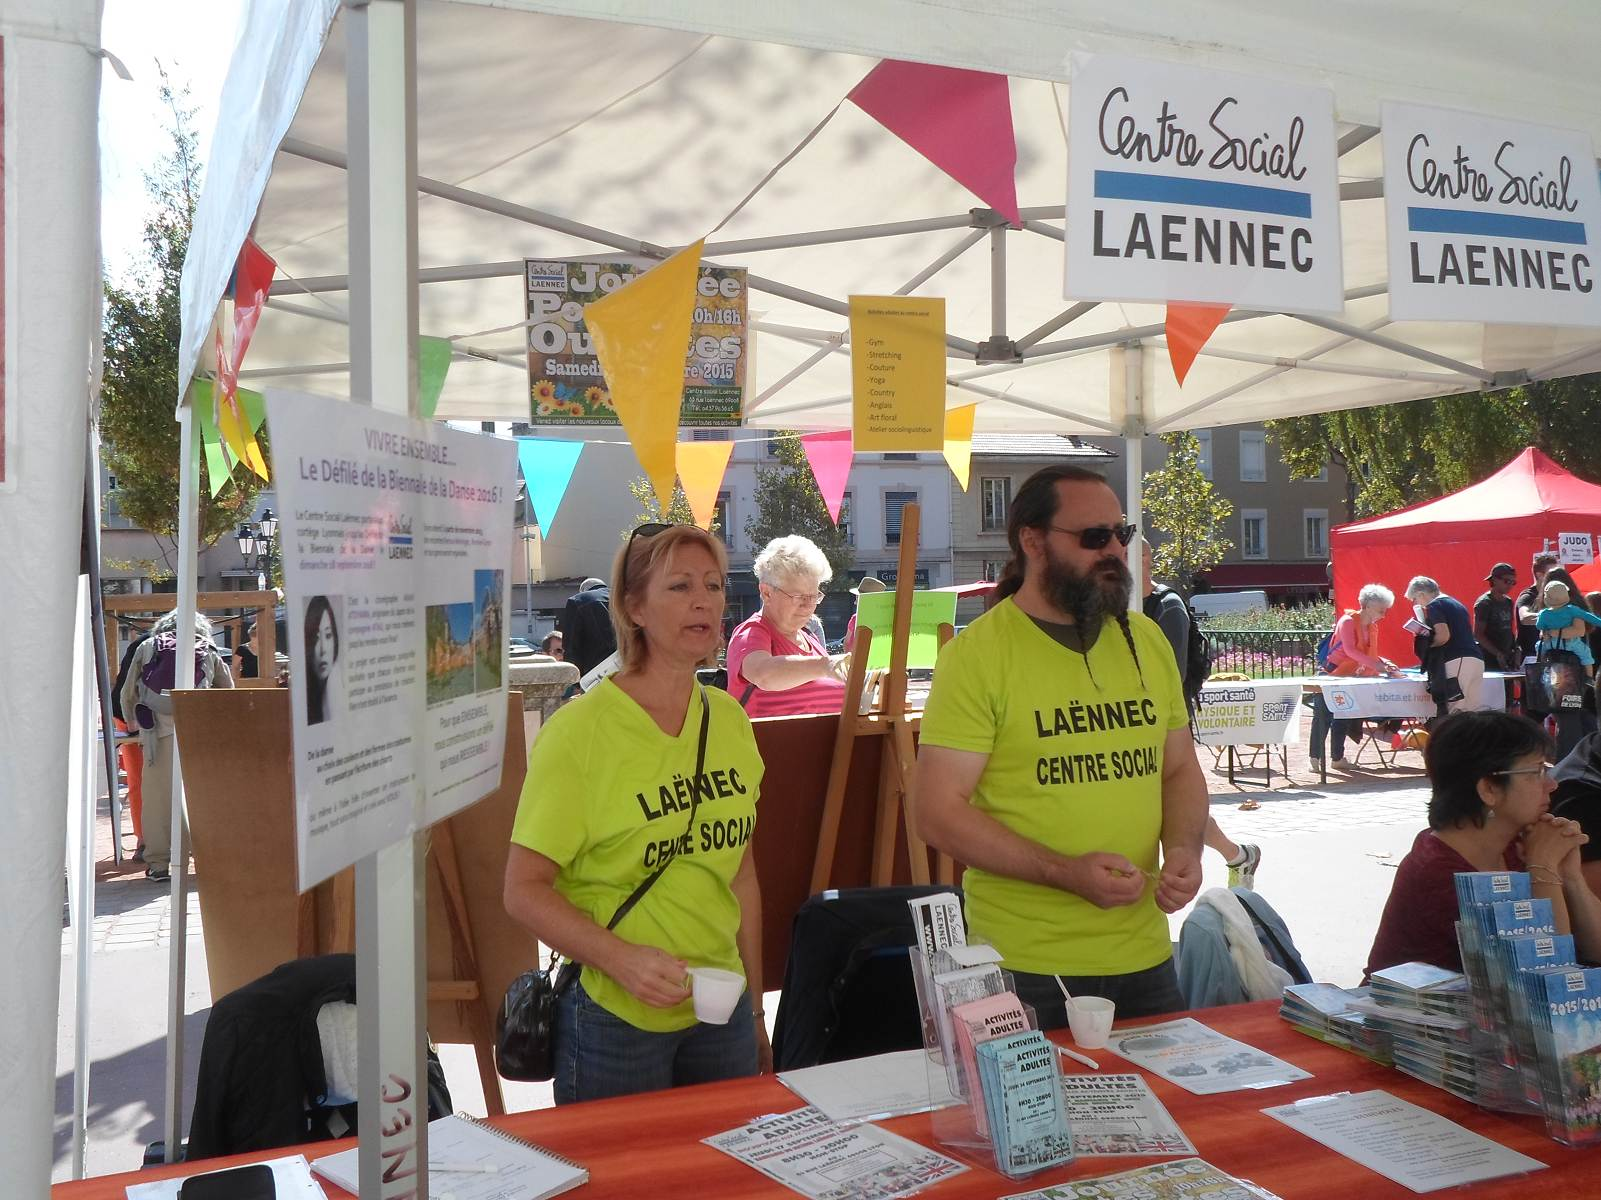 Forum des associations centre social la nnec - Centre social laennec ...